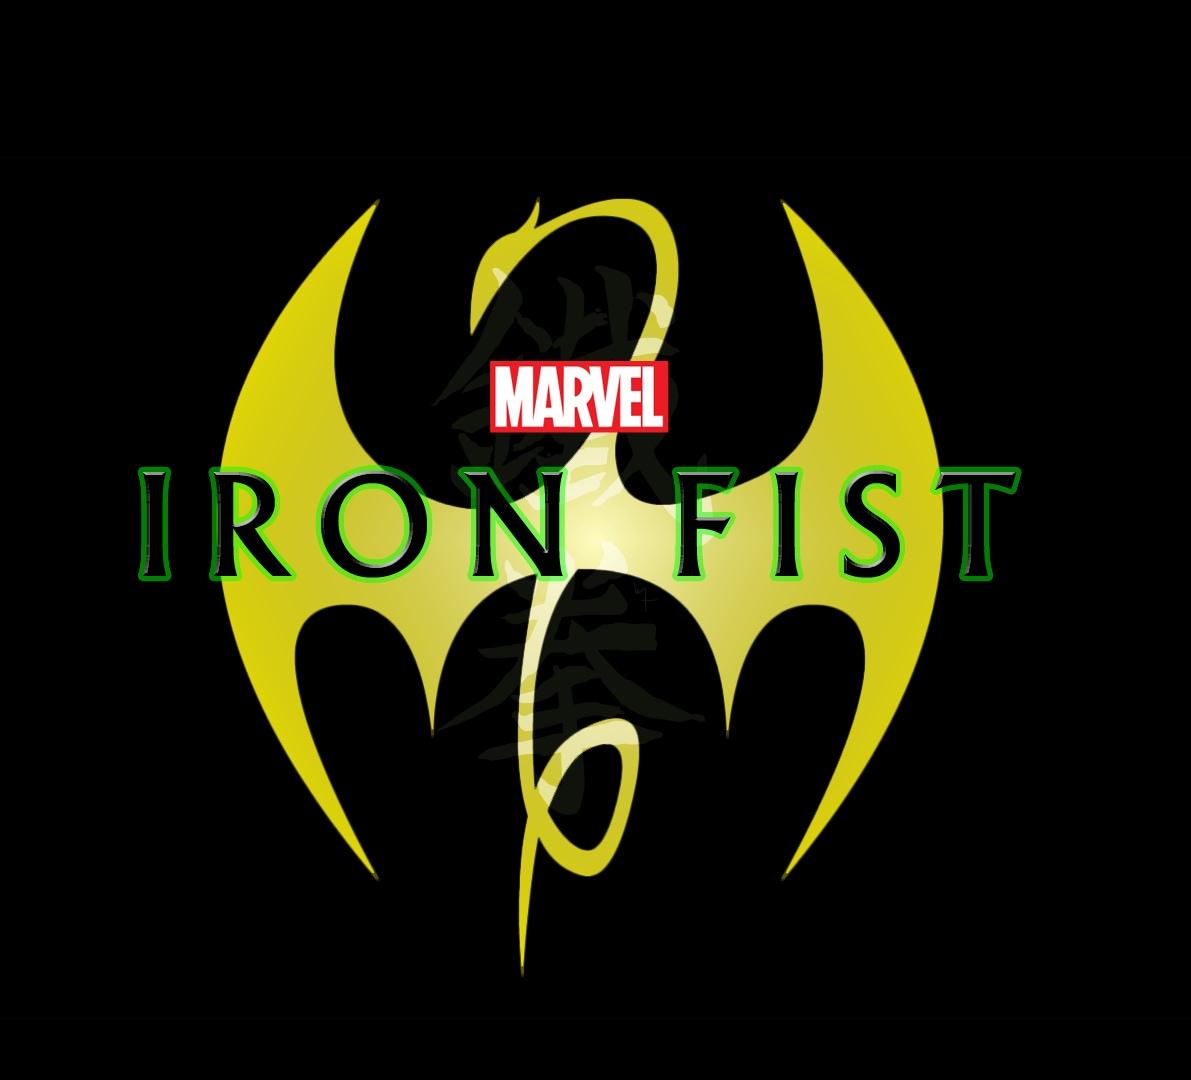 Guardate il primo trailer di Marvel - Iron Fist, in arrivo su Netflix (video)